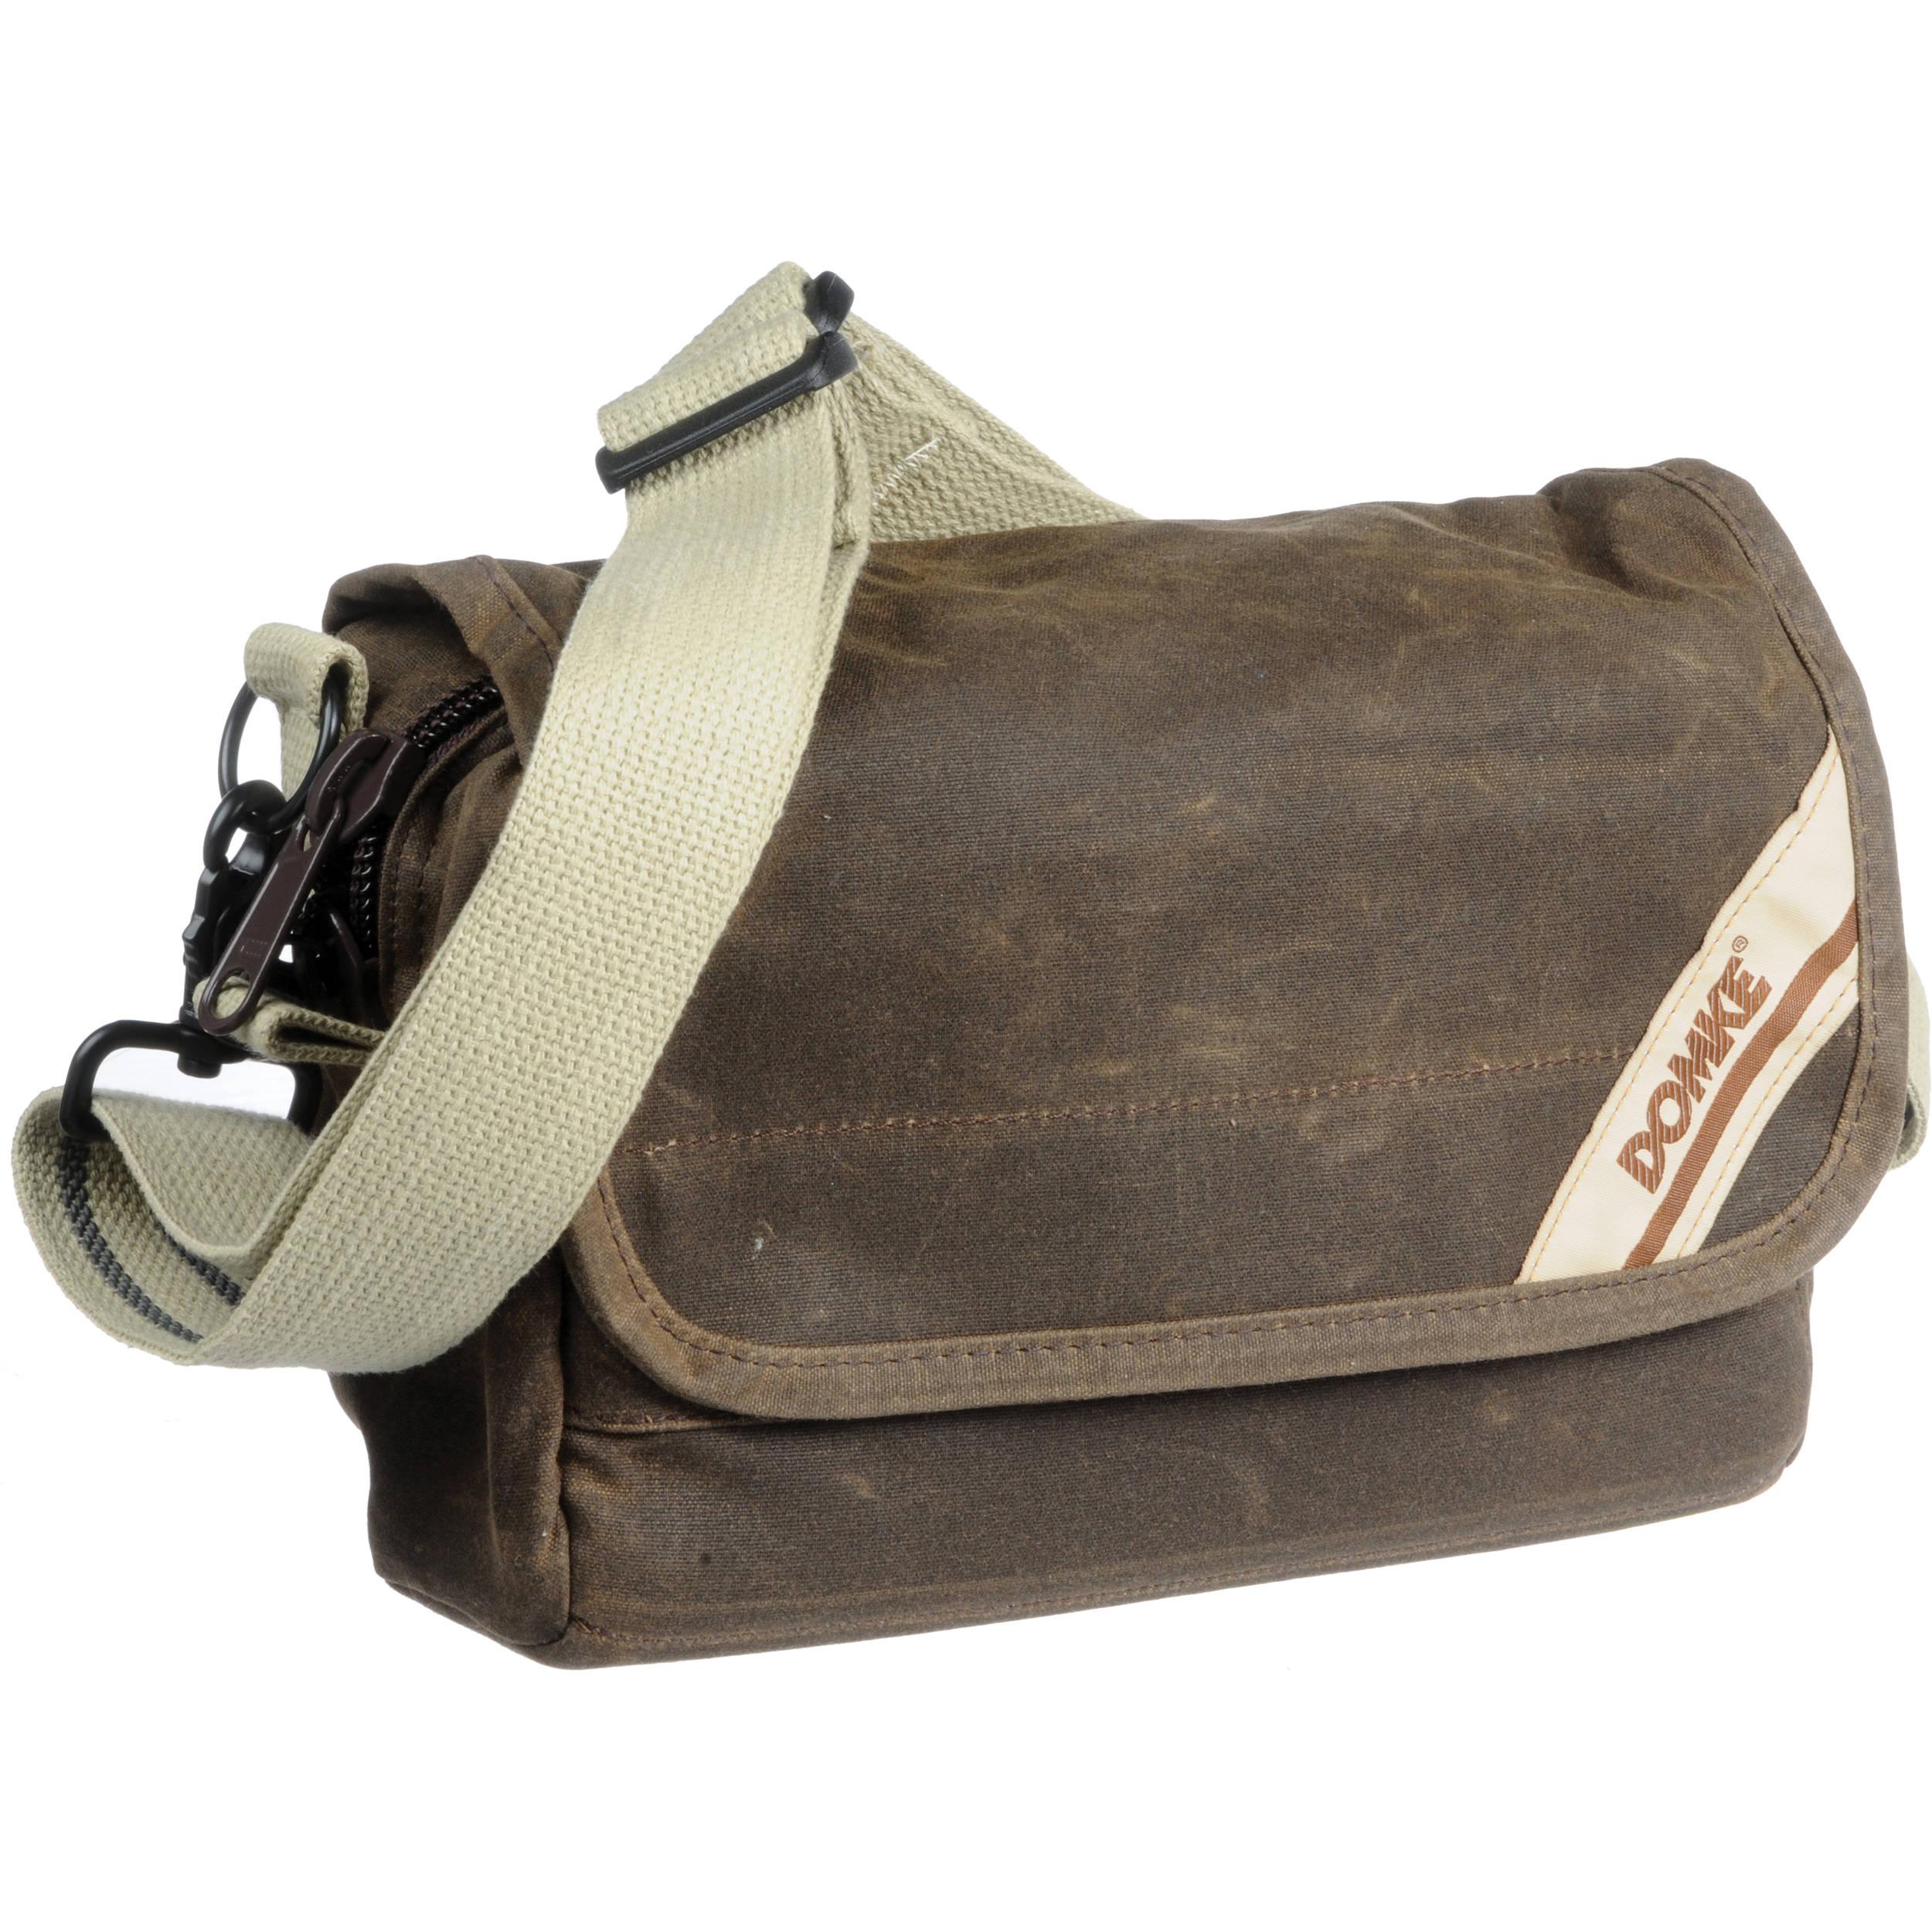 Domke F 5xb Ruggedwear Shoulder And Belt Bag Brown